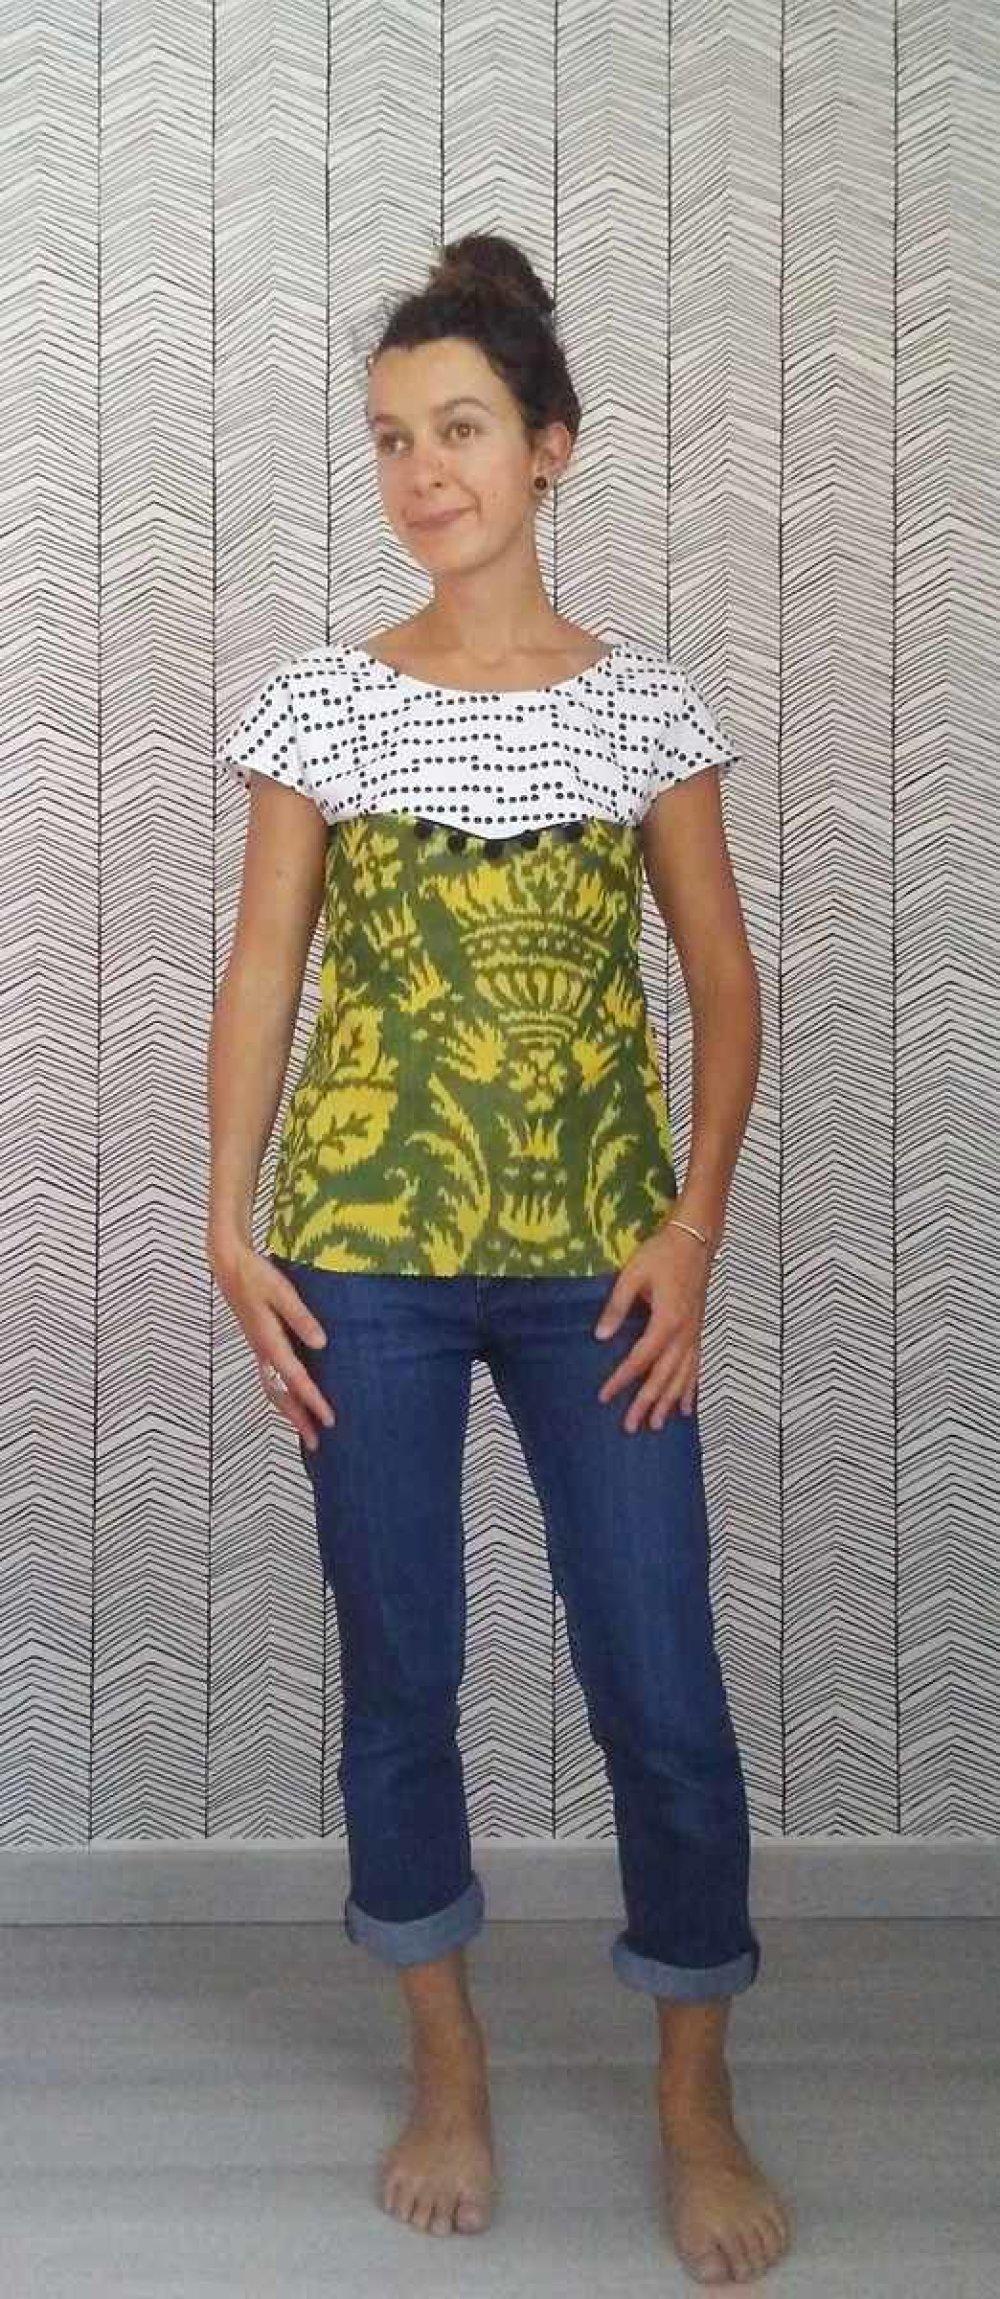 Tee-shirt top dos mi nu losange 36 38 imprimé jungle graphique